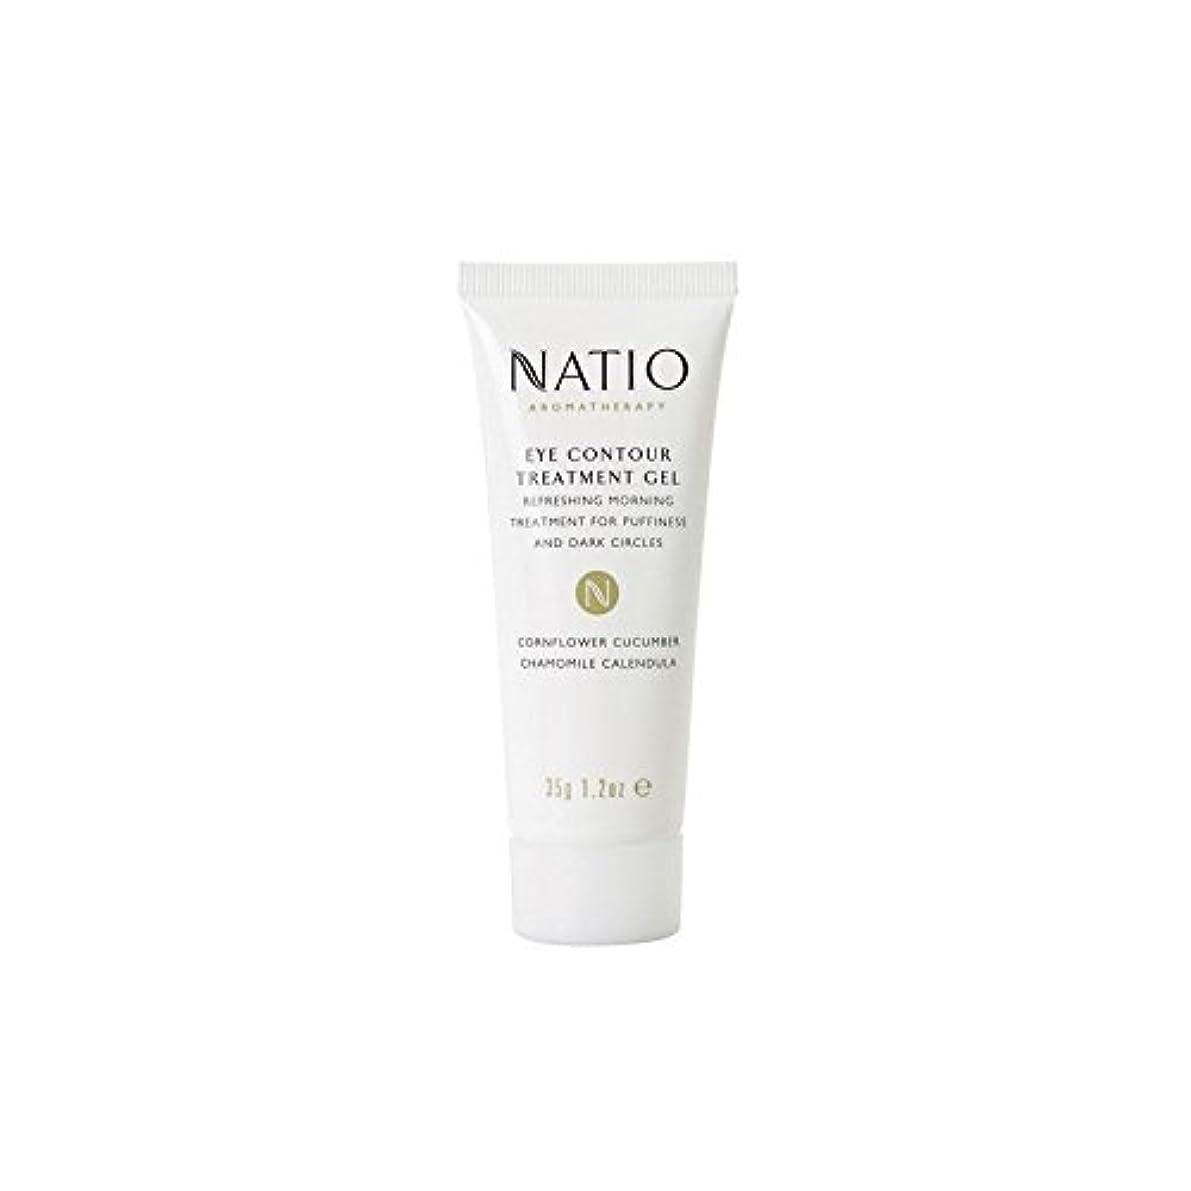 シーケンスバッテリー規則性眼輪郭処理ゲル(35グラム) x2 - Natio Eye Contour Treatment Gel (35G) (Pack of 2) [並行輸入品]